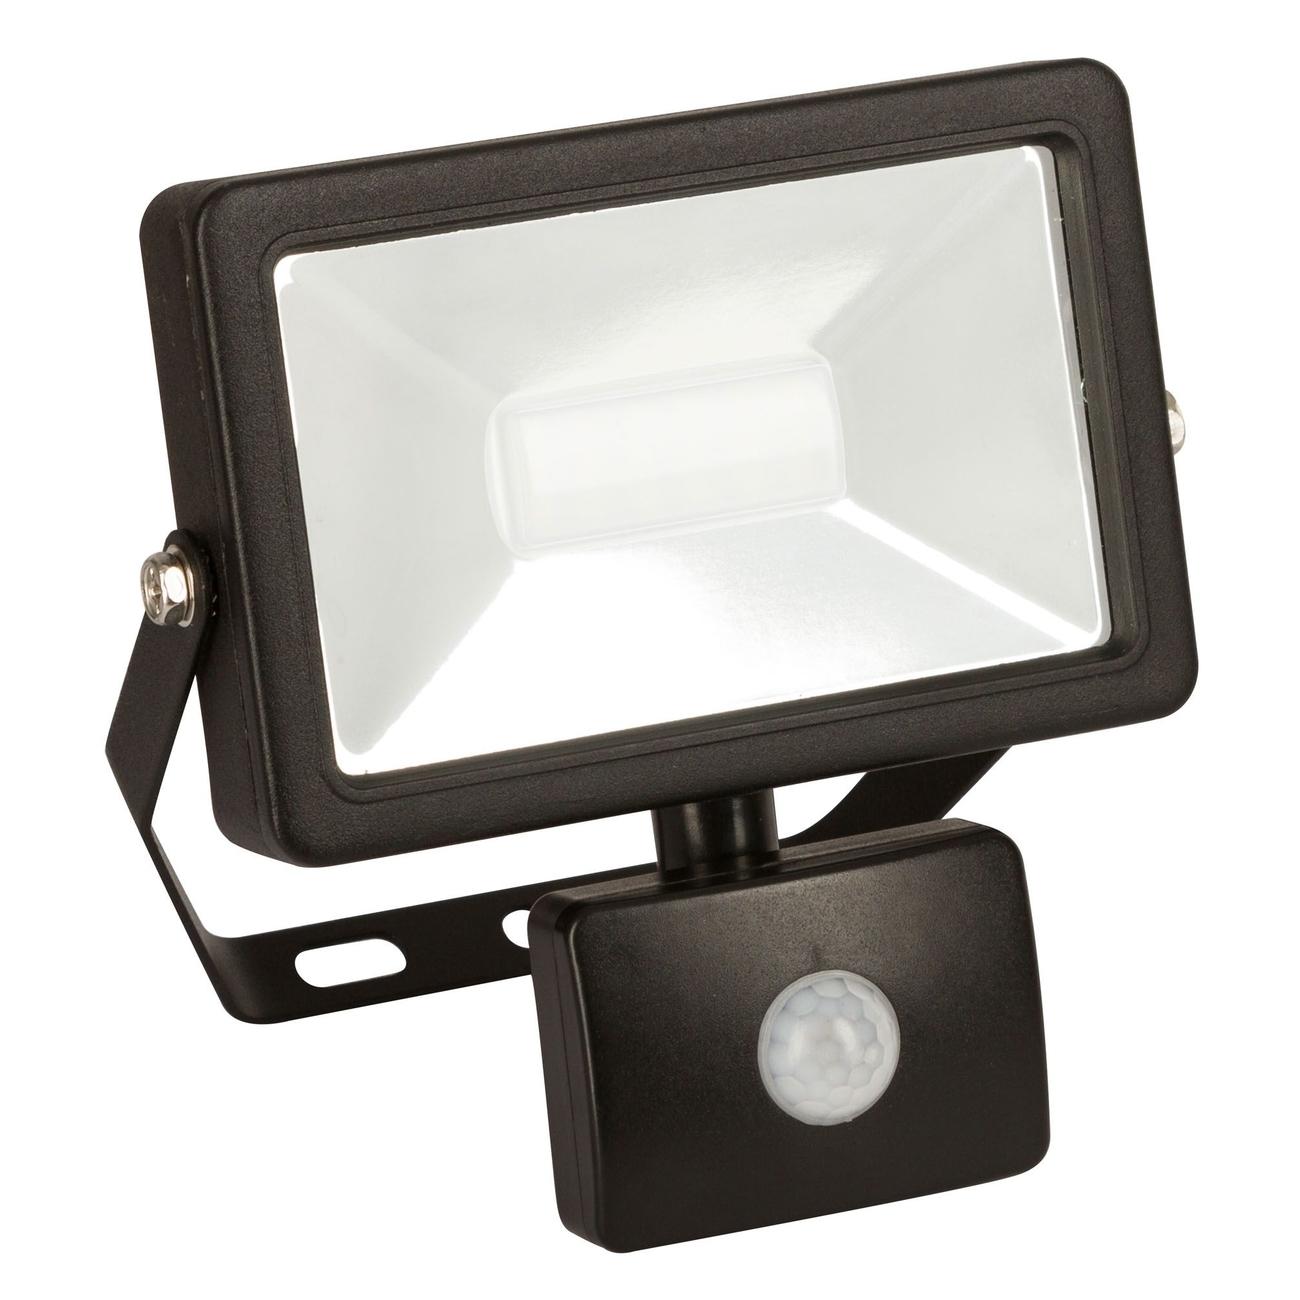 Kerbl LED-Außenstrahler mit oder ohne Bewegungsmelder, 20W, mit Bewegungsmelder - 1600Im, B164xH165xT70mm